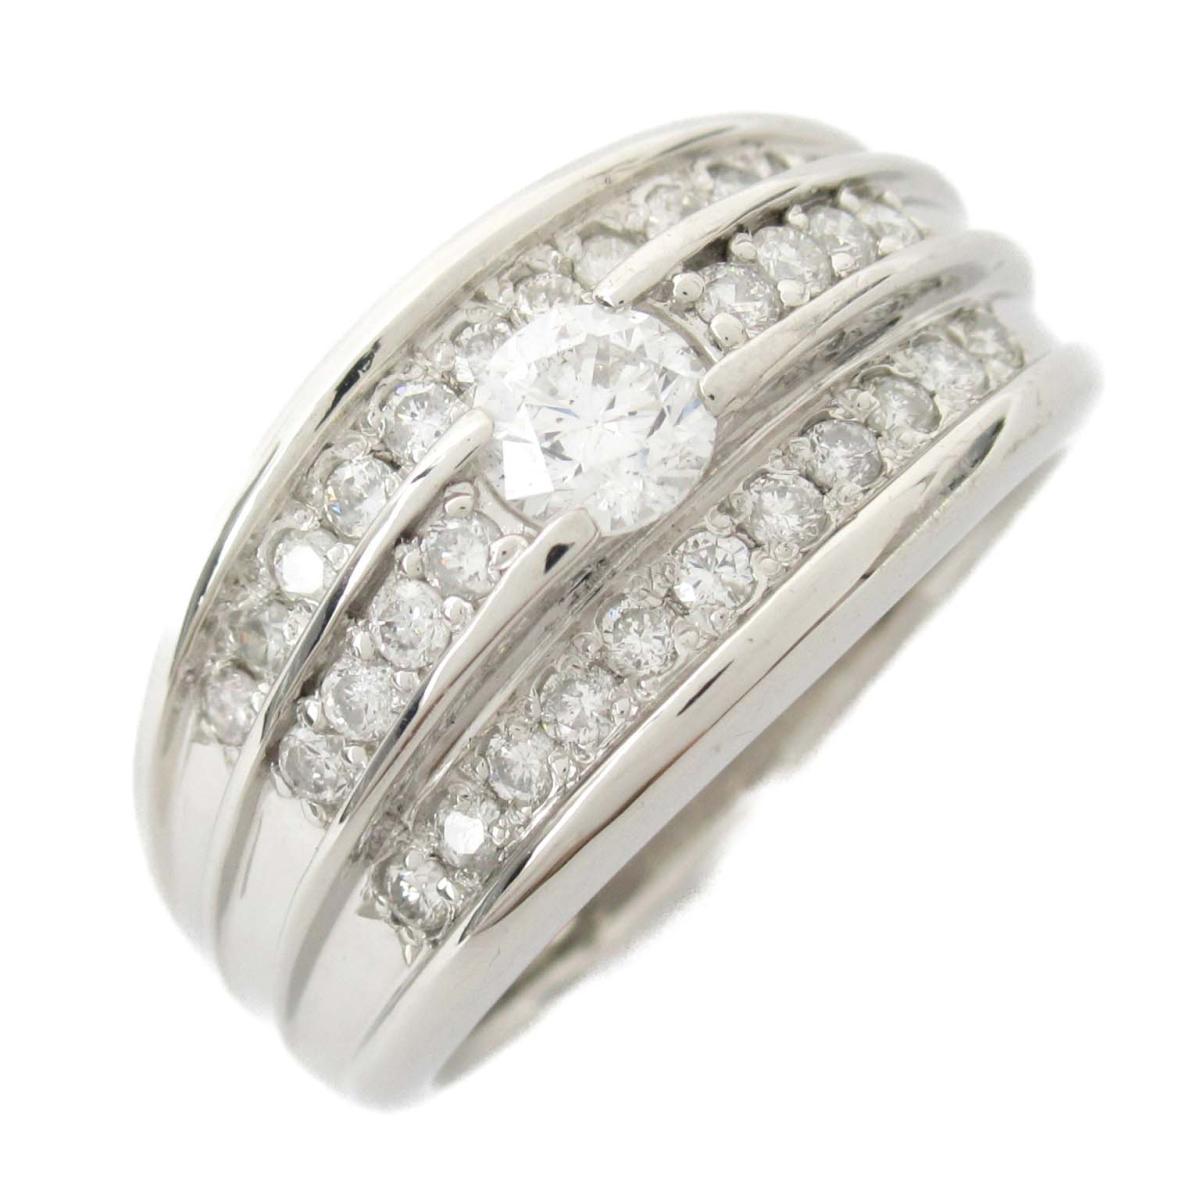 【中古】ジュエリー ダイヤモンド リング 指輪 レディース PT900 プラチナ x ダイヤモンド3.06/0.40CT